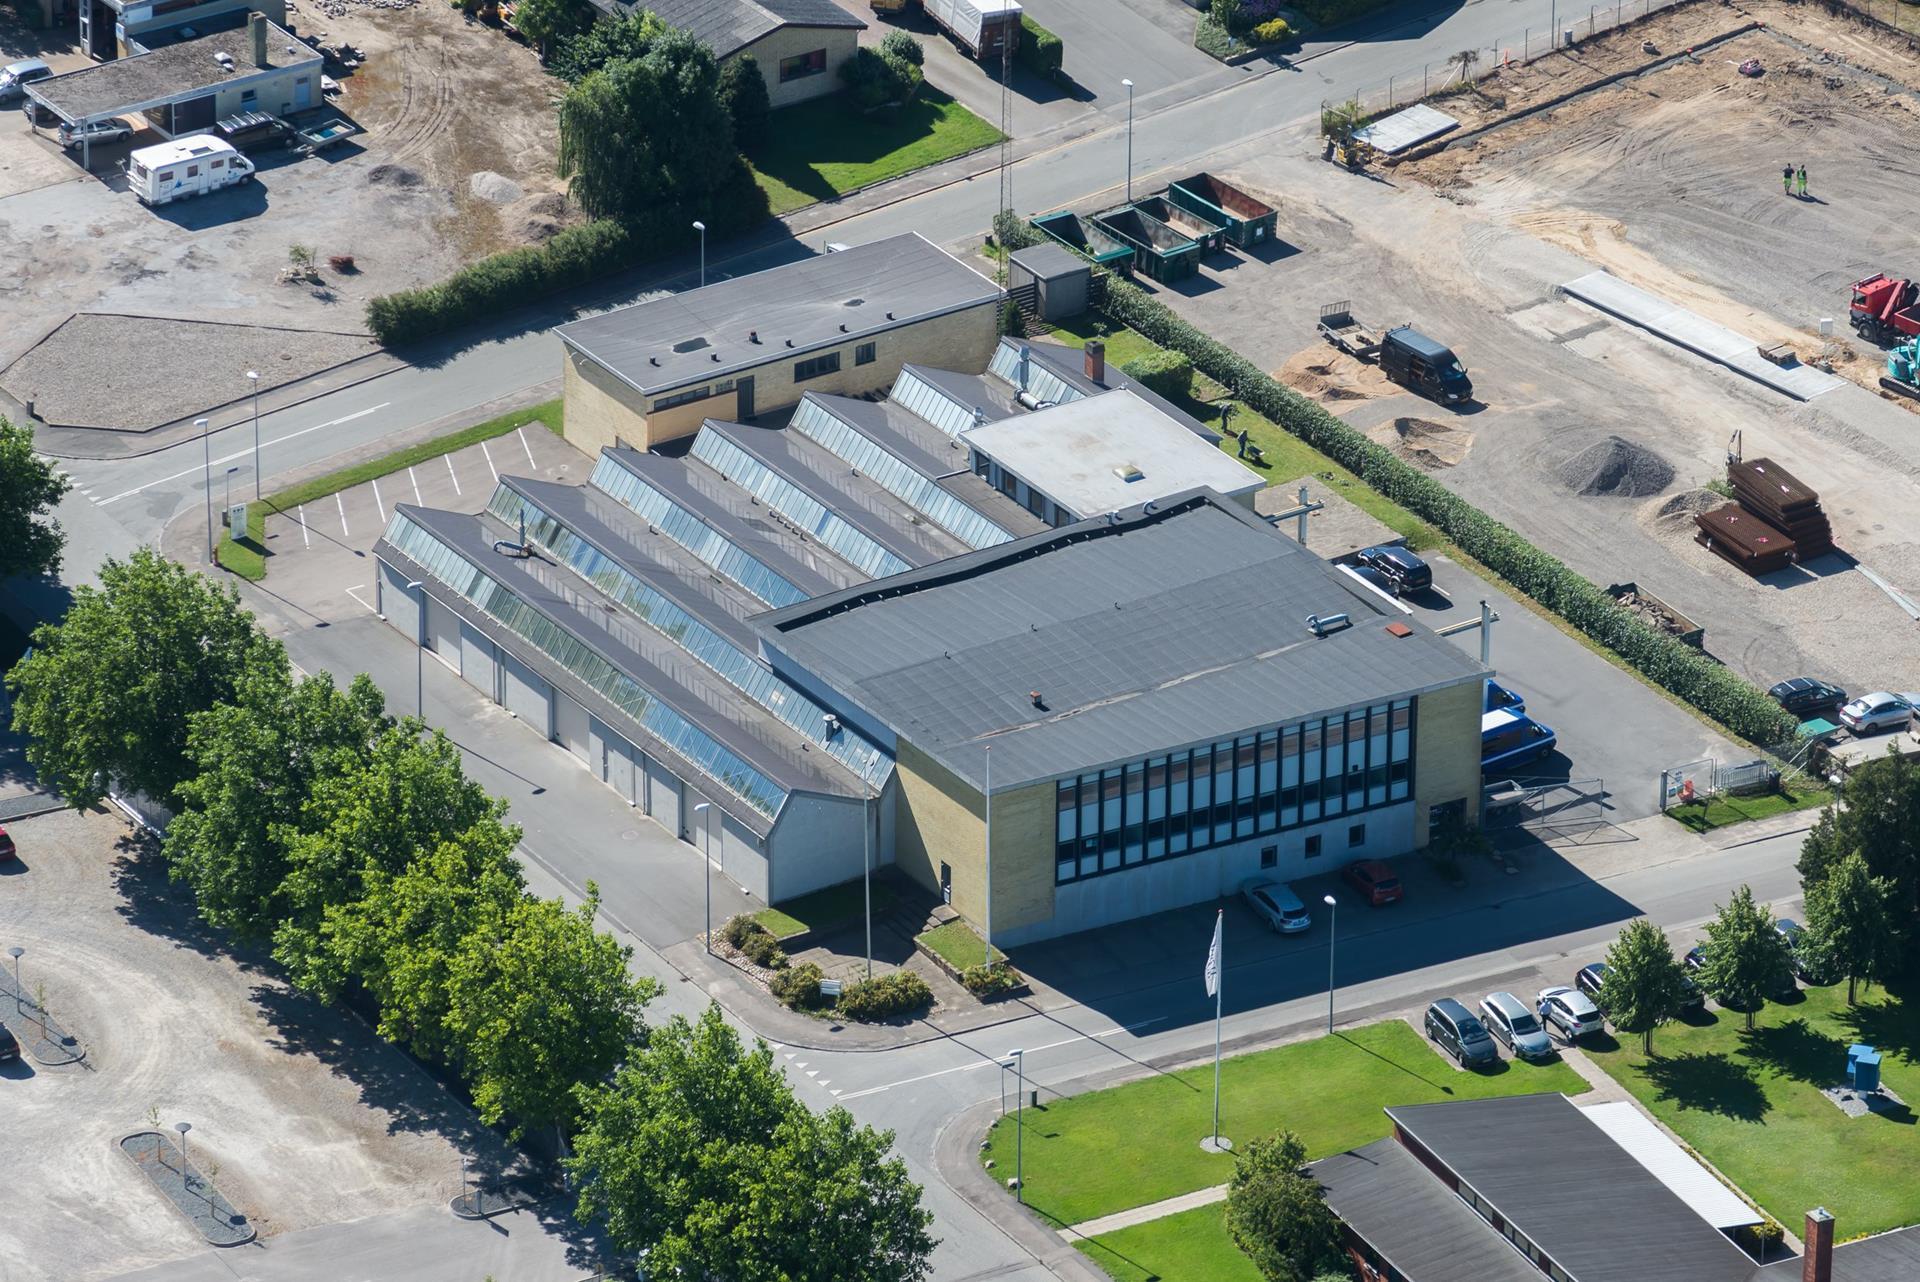 Bolig/erhverv på Strudsbergsvej i Slagelse - Andet